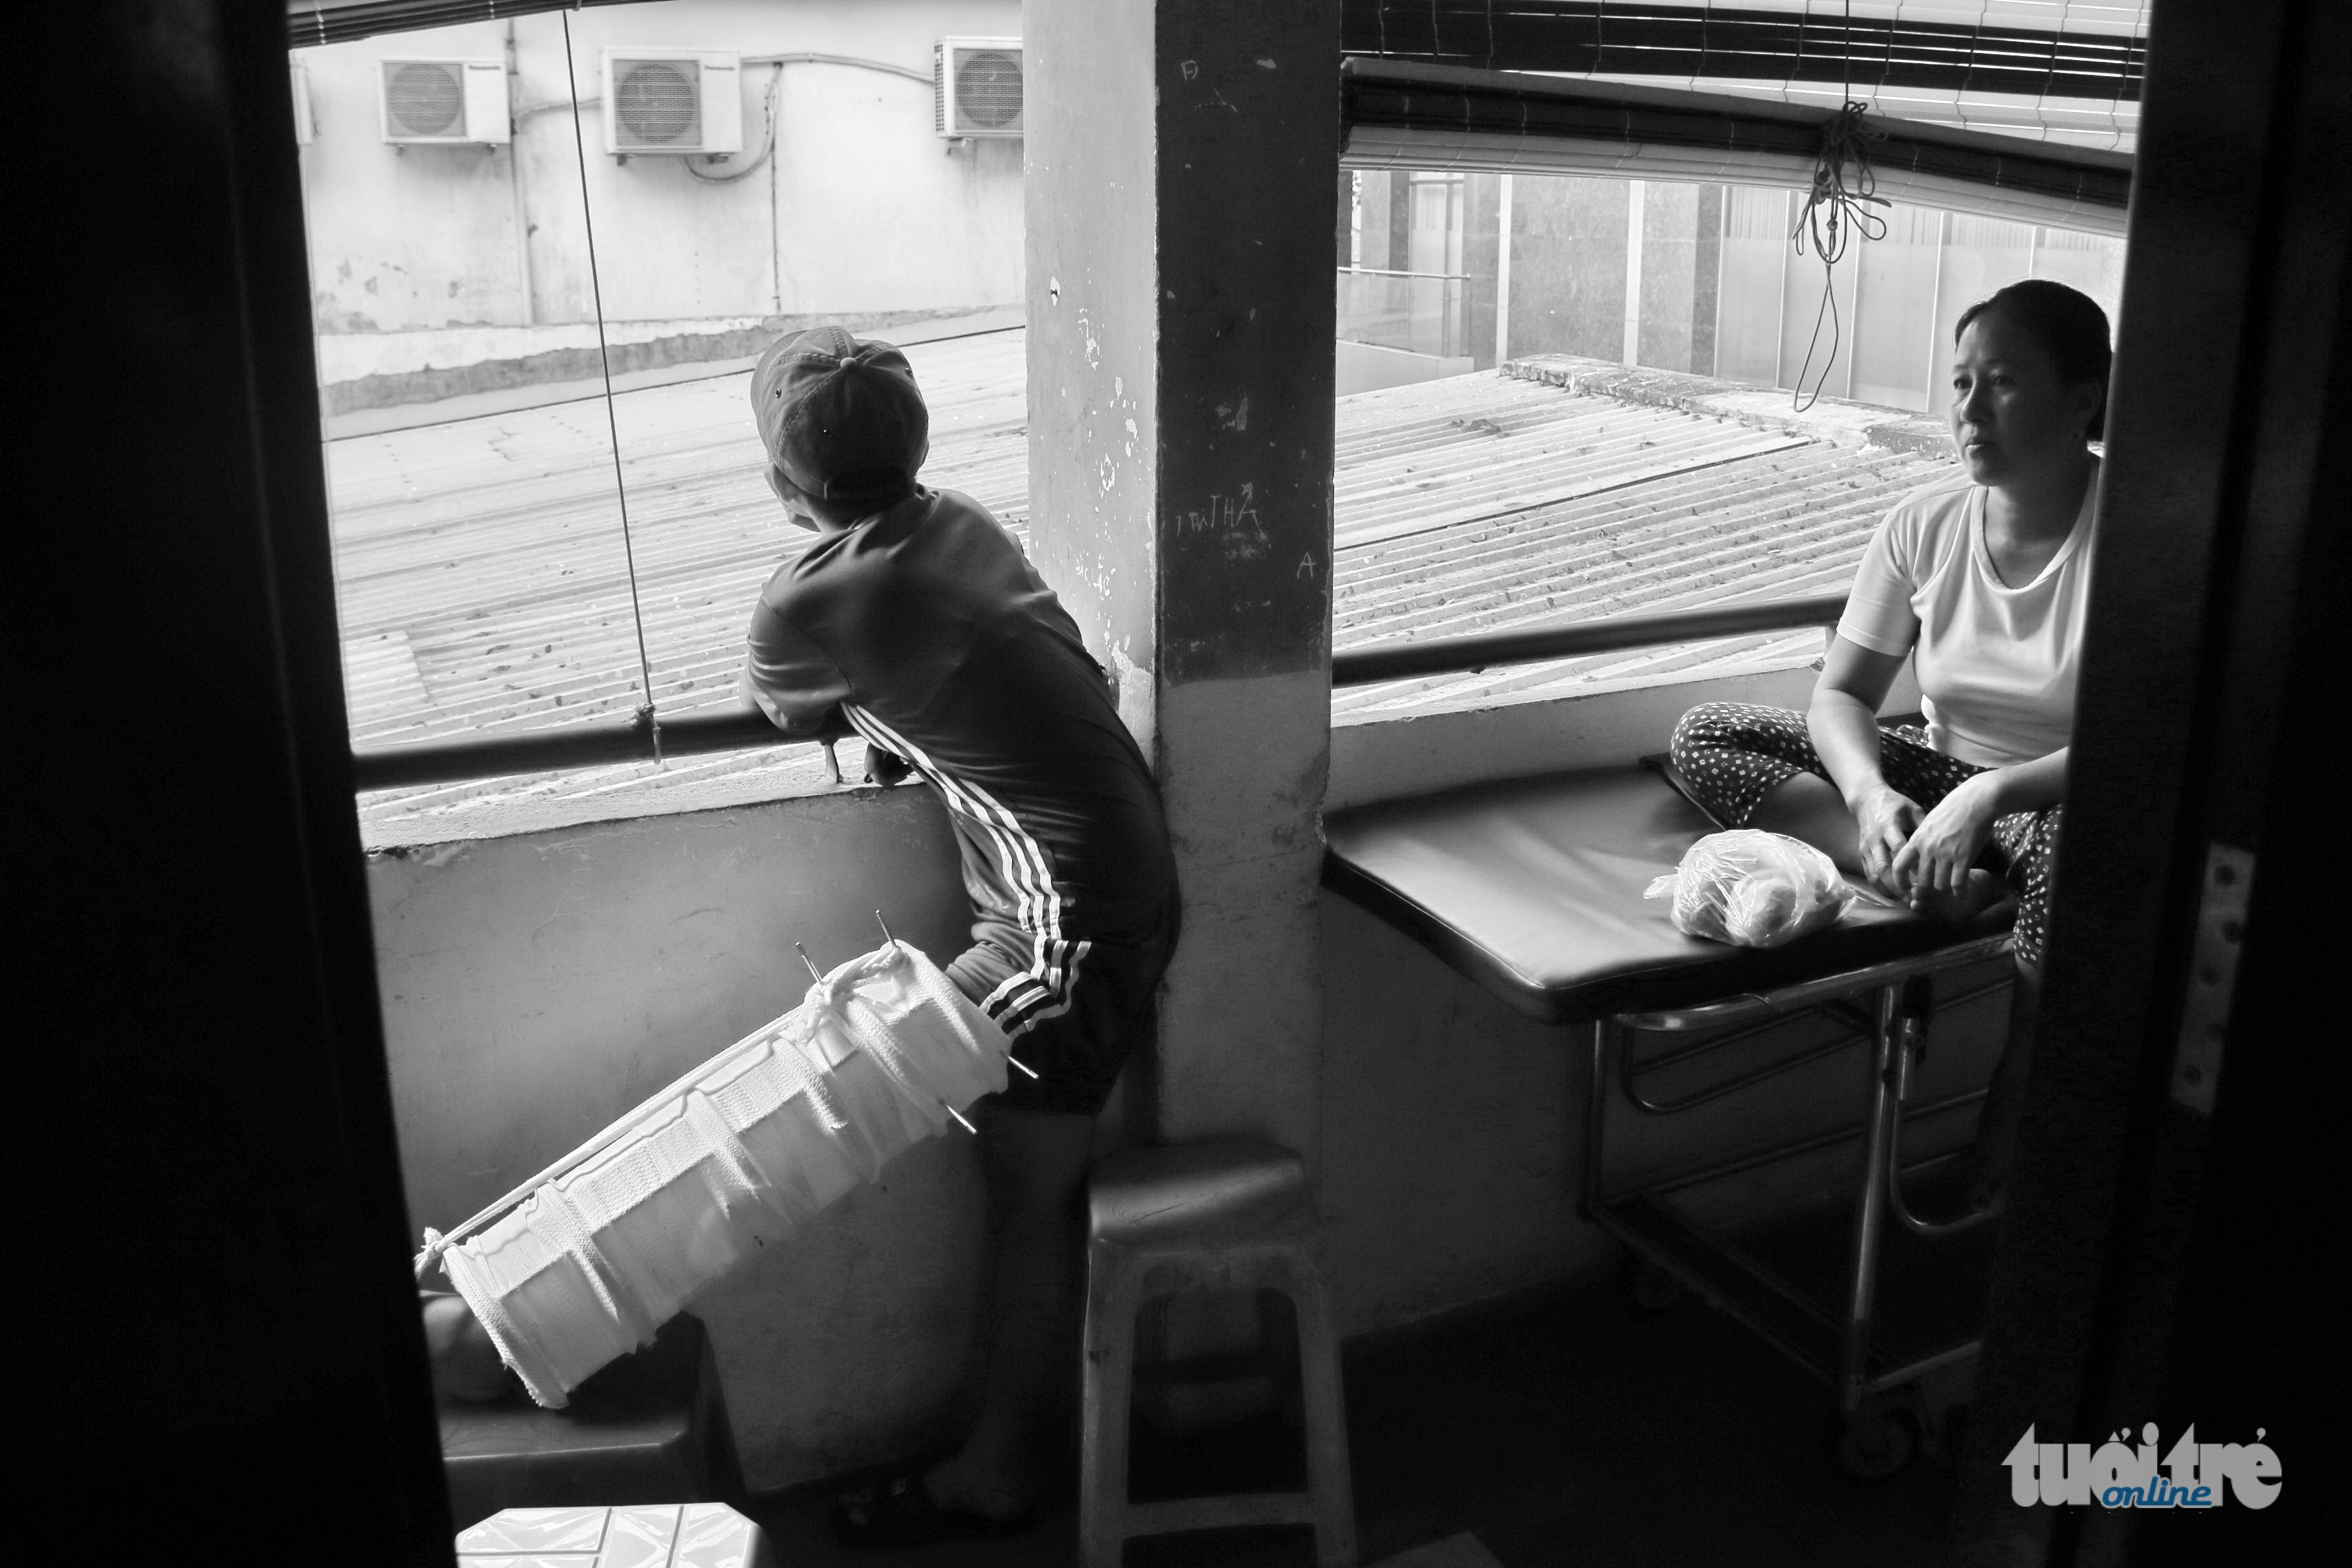 """Cũng có lúc, Thanh nói em """"ghét Sài Gòn"""" bởi lúc đi hai chân nhưng lúc về lại """"bốn chân"""" trong khi giấc mộng mua một chiếc xe đạp điện để đi học lại chưa thành - Ảnh: NGỌC HIỂN"""